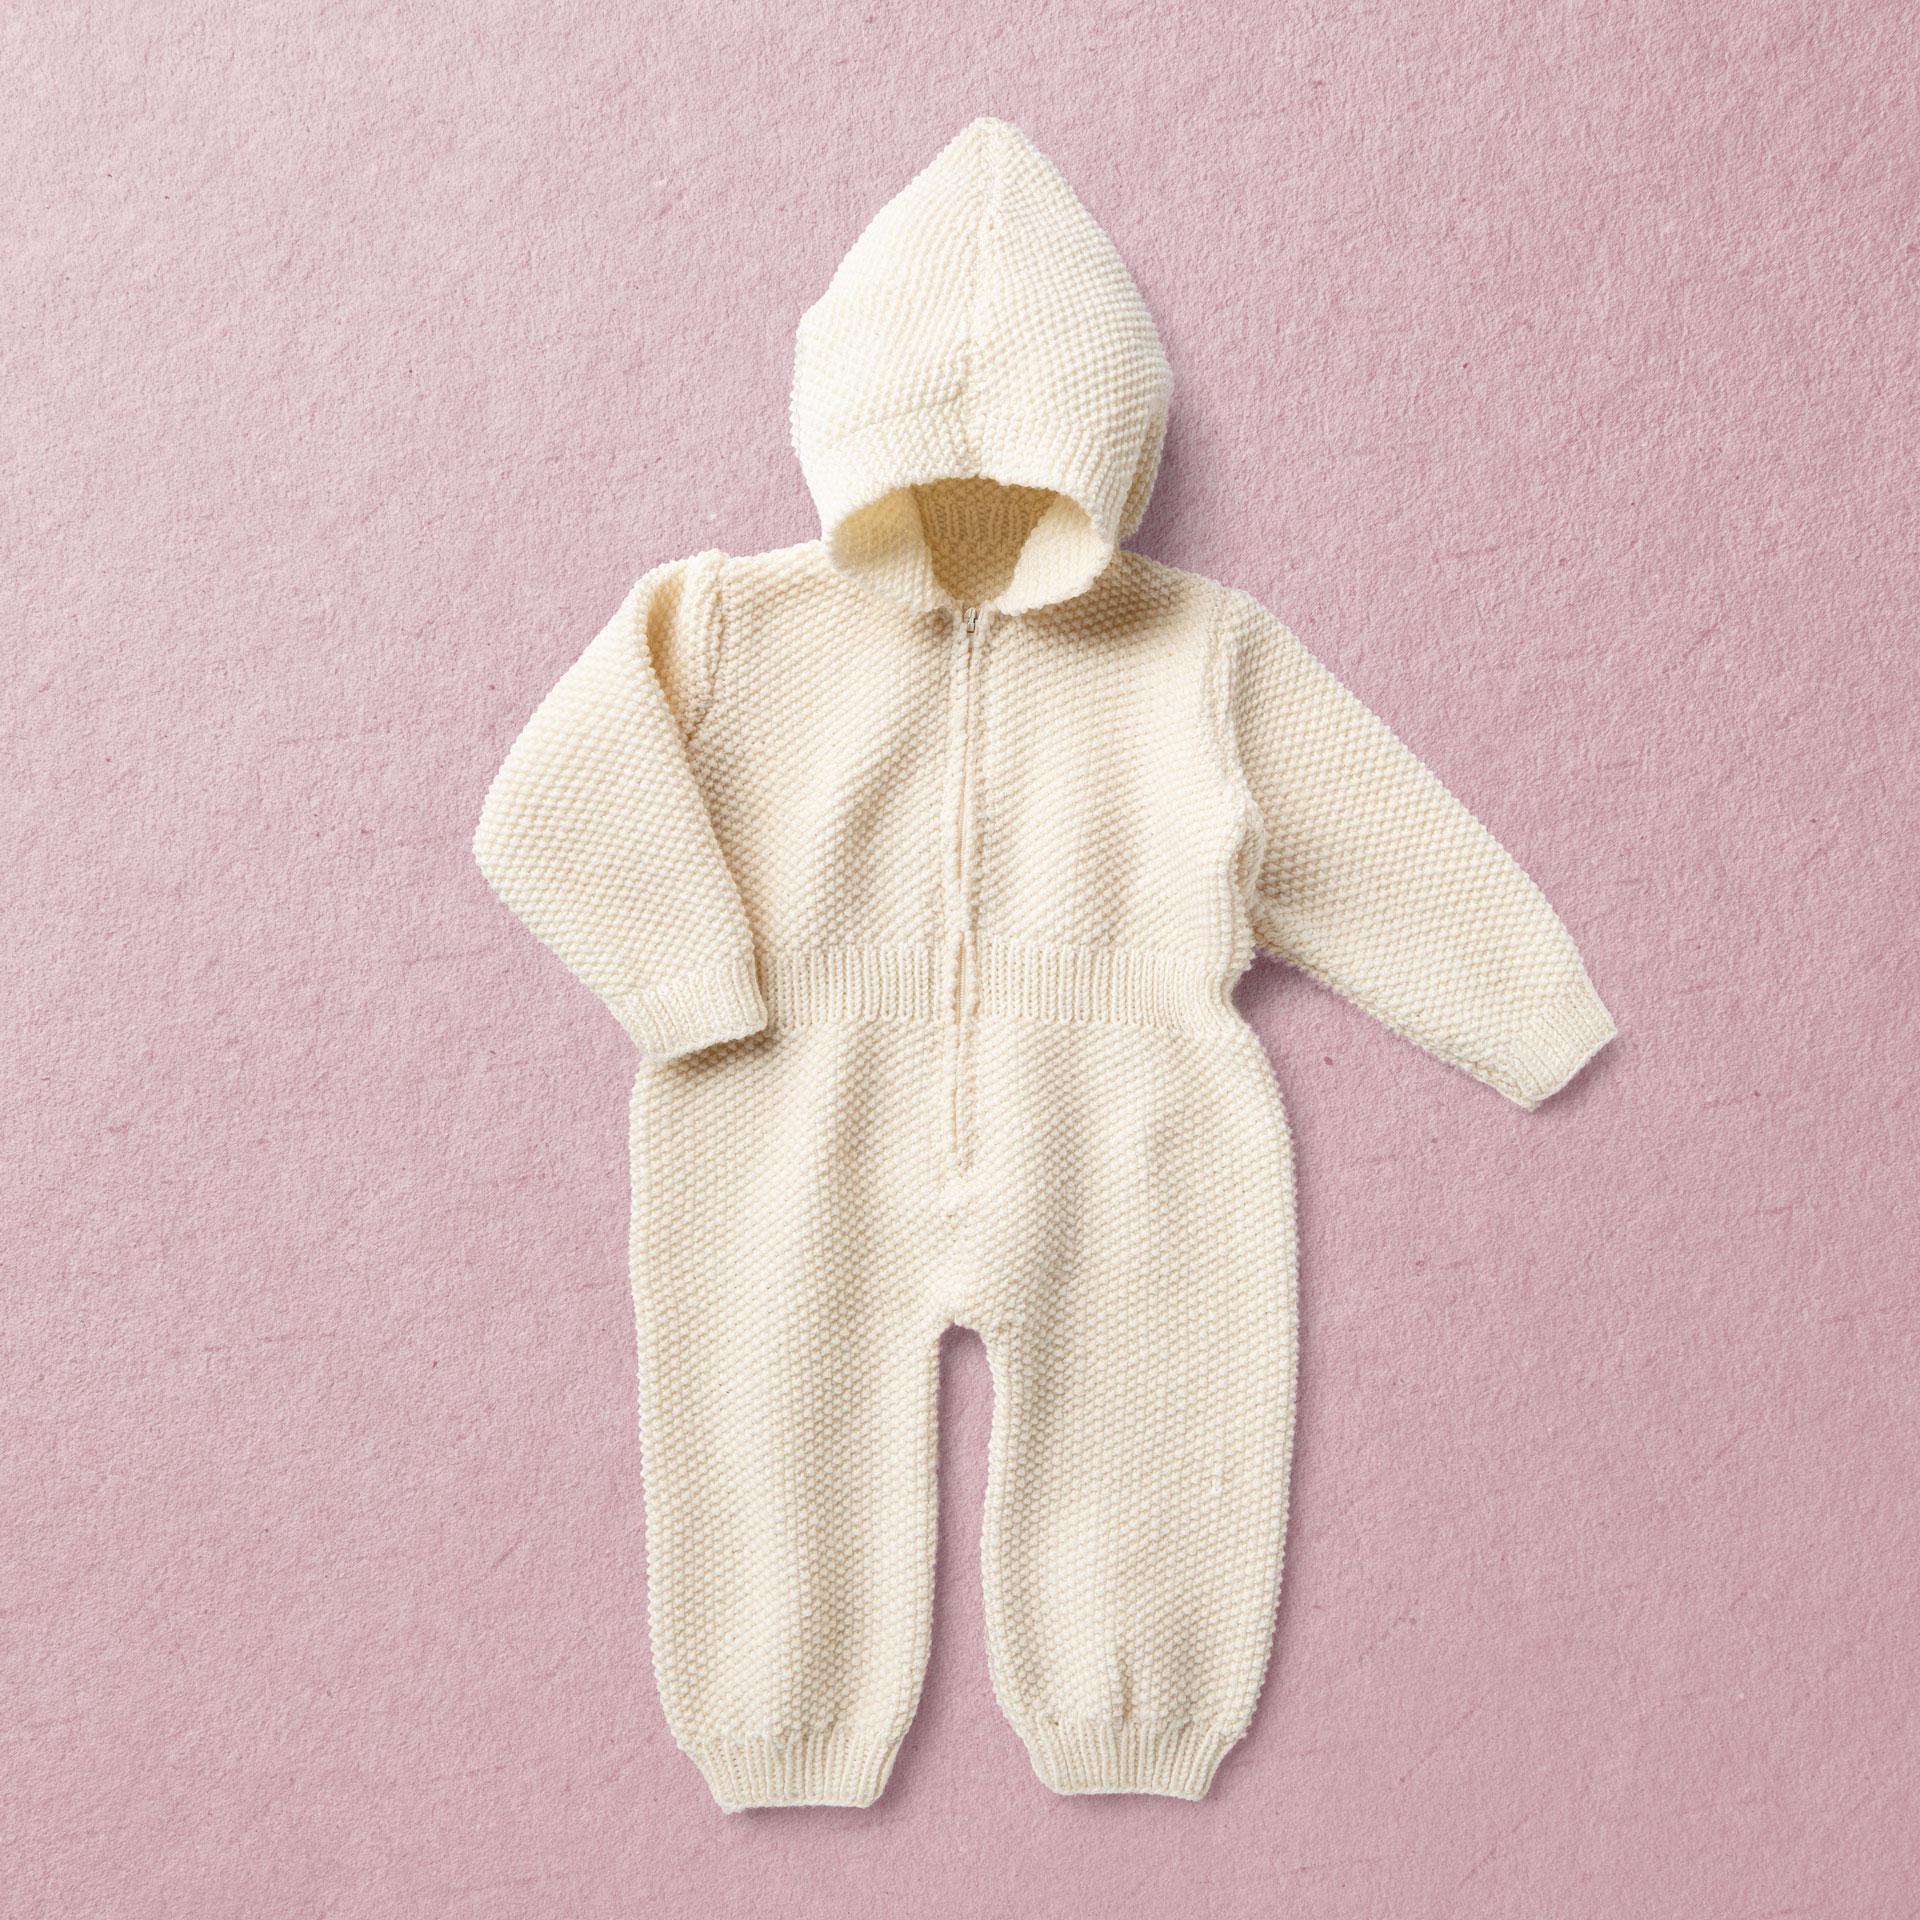 Van Beren Babystickanzug TEDDY, Merinowolle